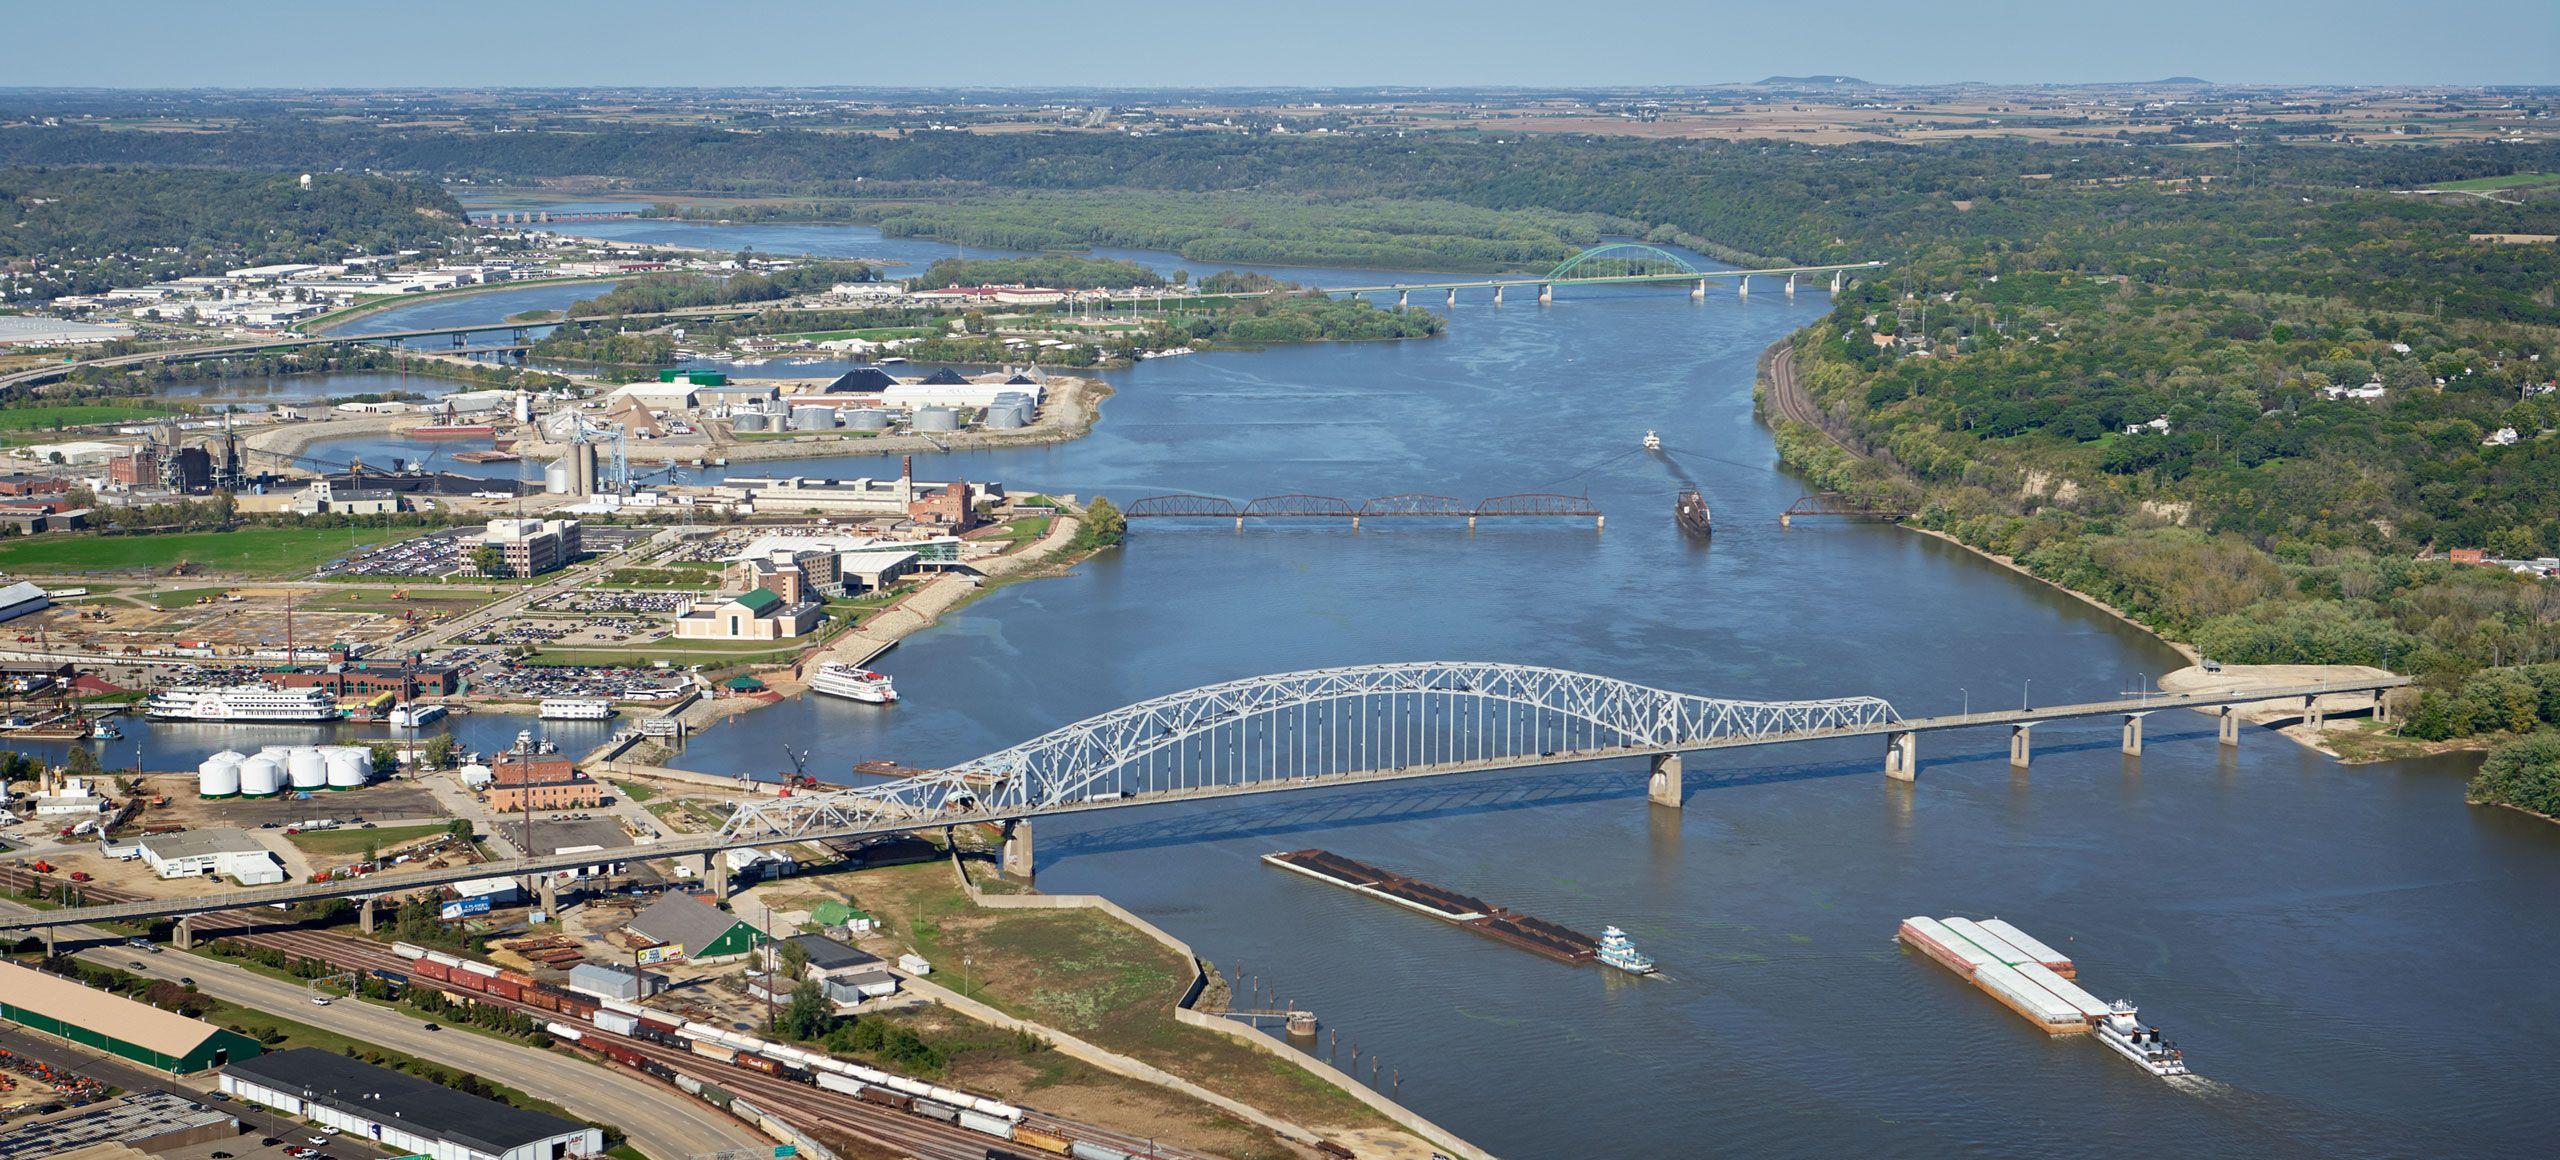 Aerial photograph of Dubuque, Iowa bridges